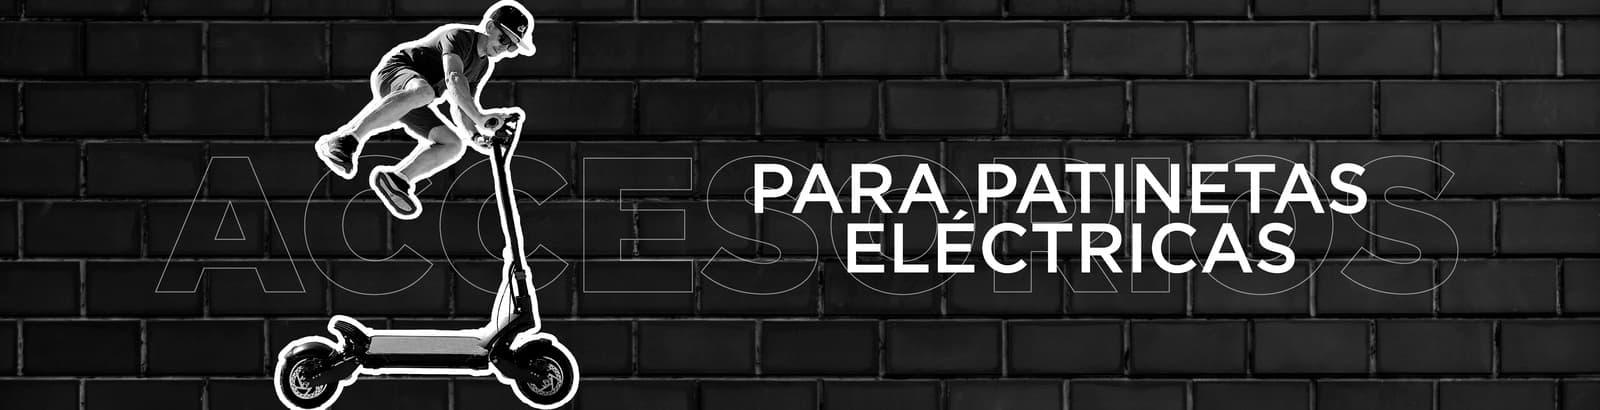 Accesorios para Patinetas Eléctricas